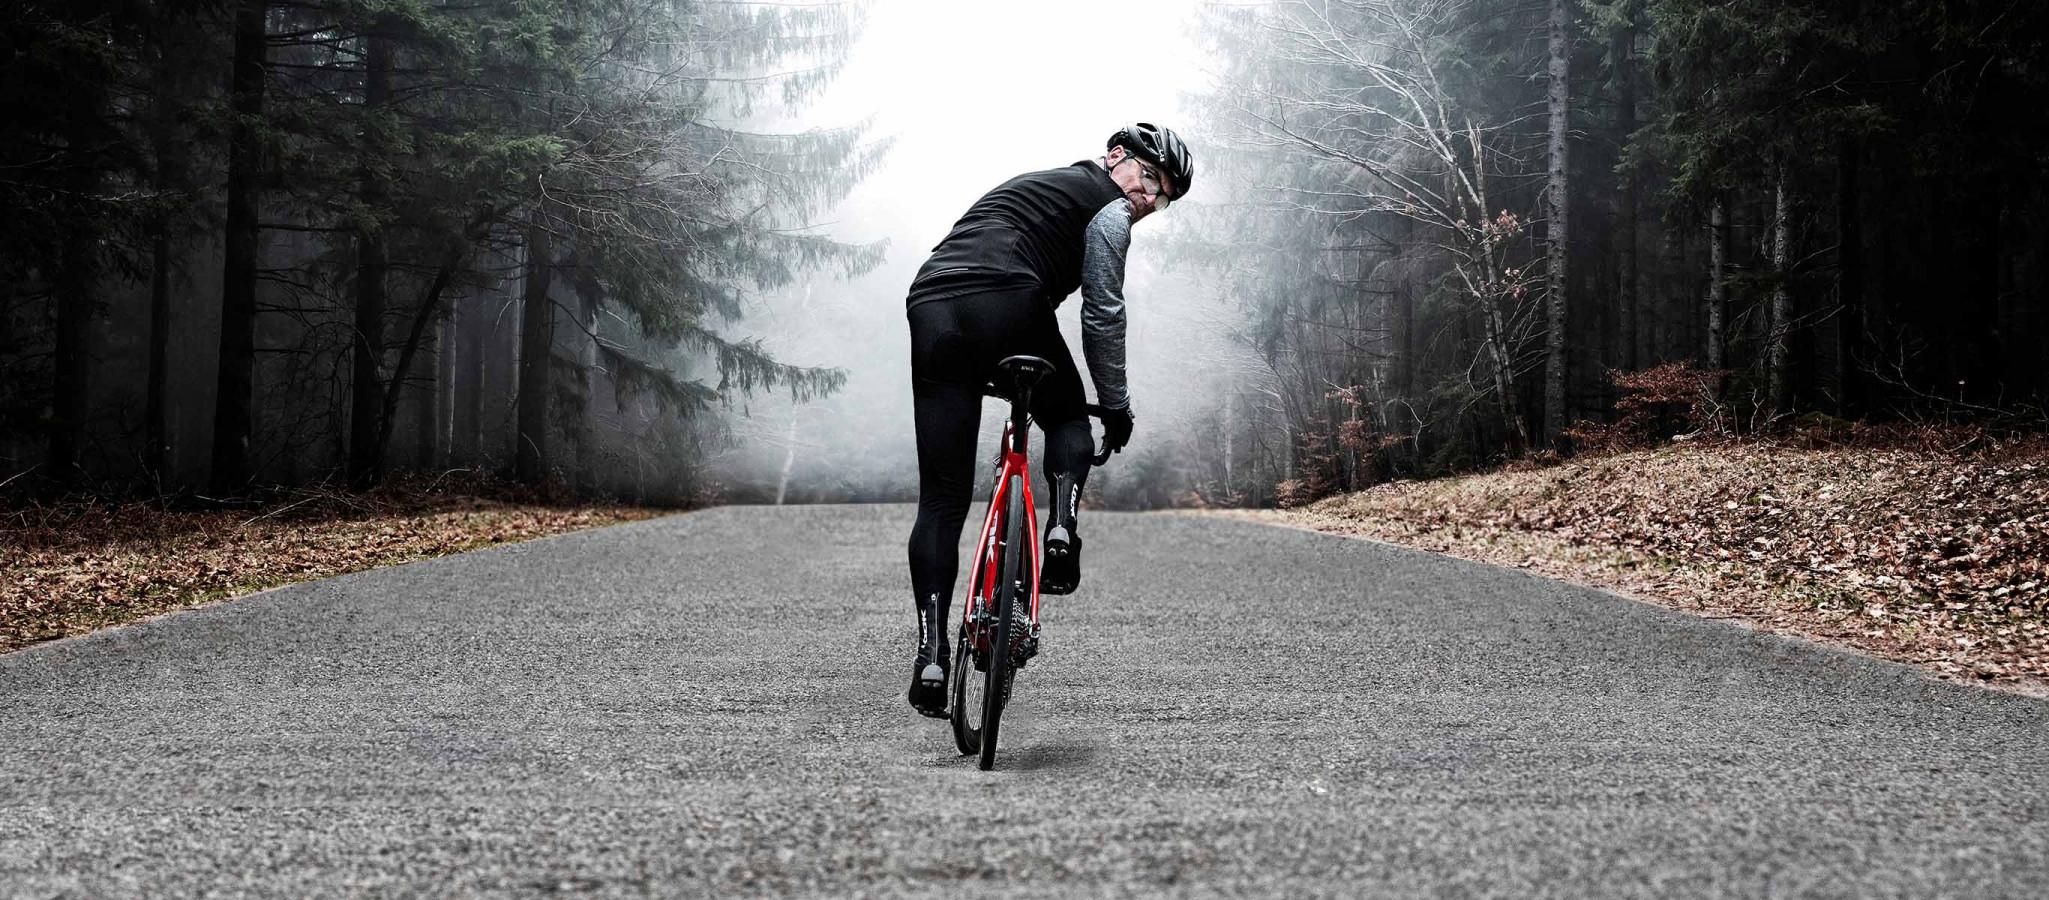 Road Cycling Off 64 Www Abrafiltros Org Br